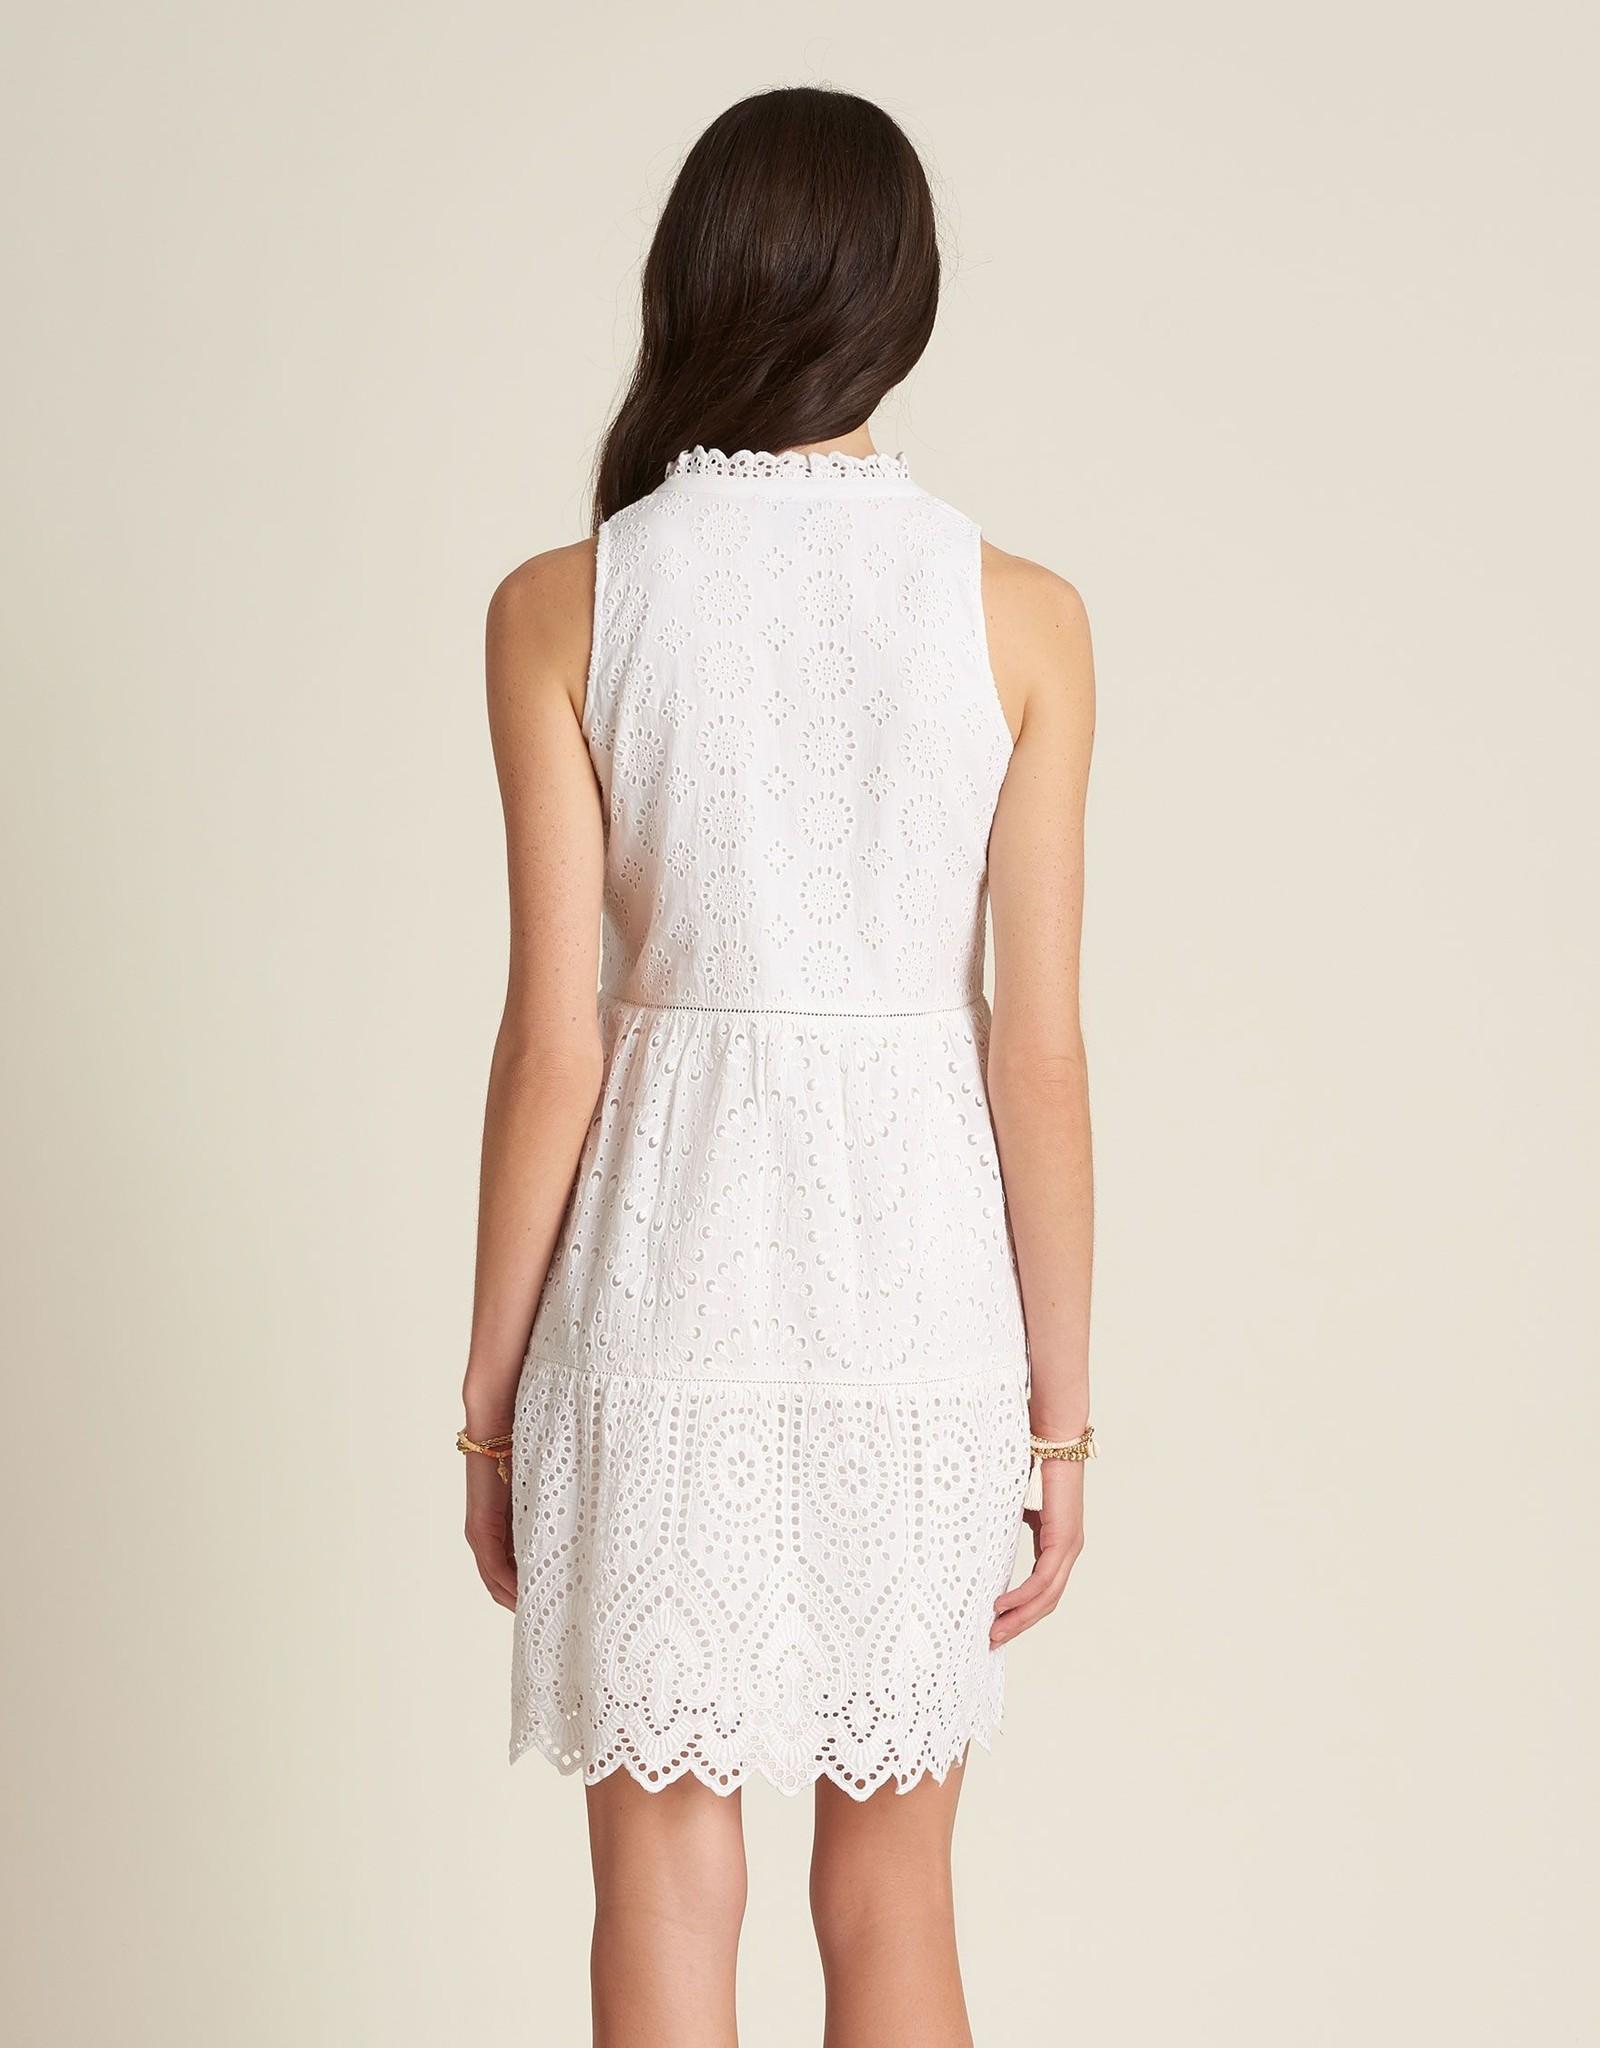 Hatley Lauren Eyelet Dress